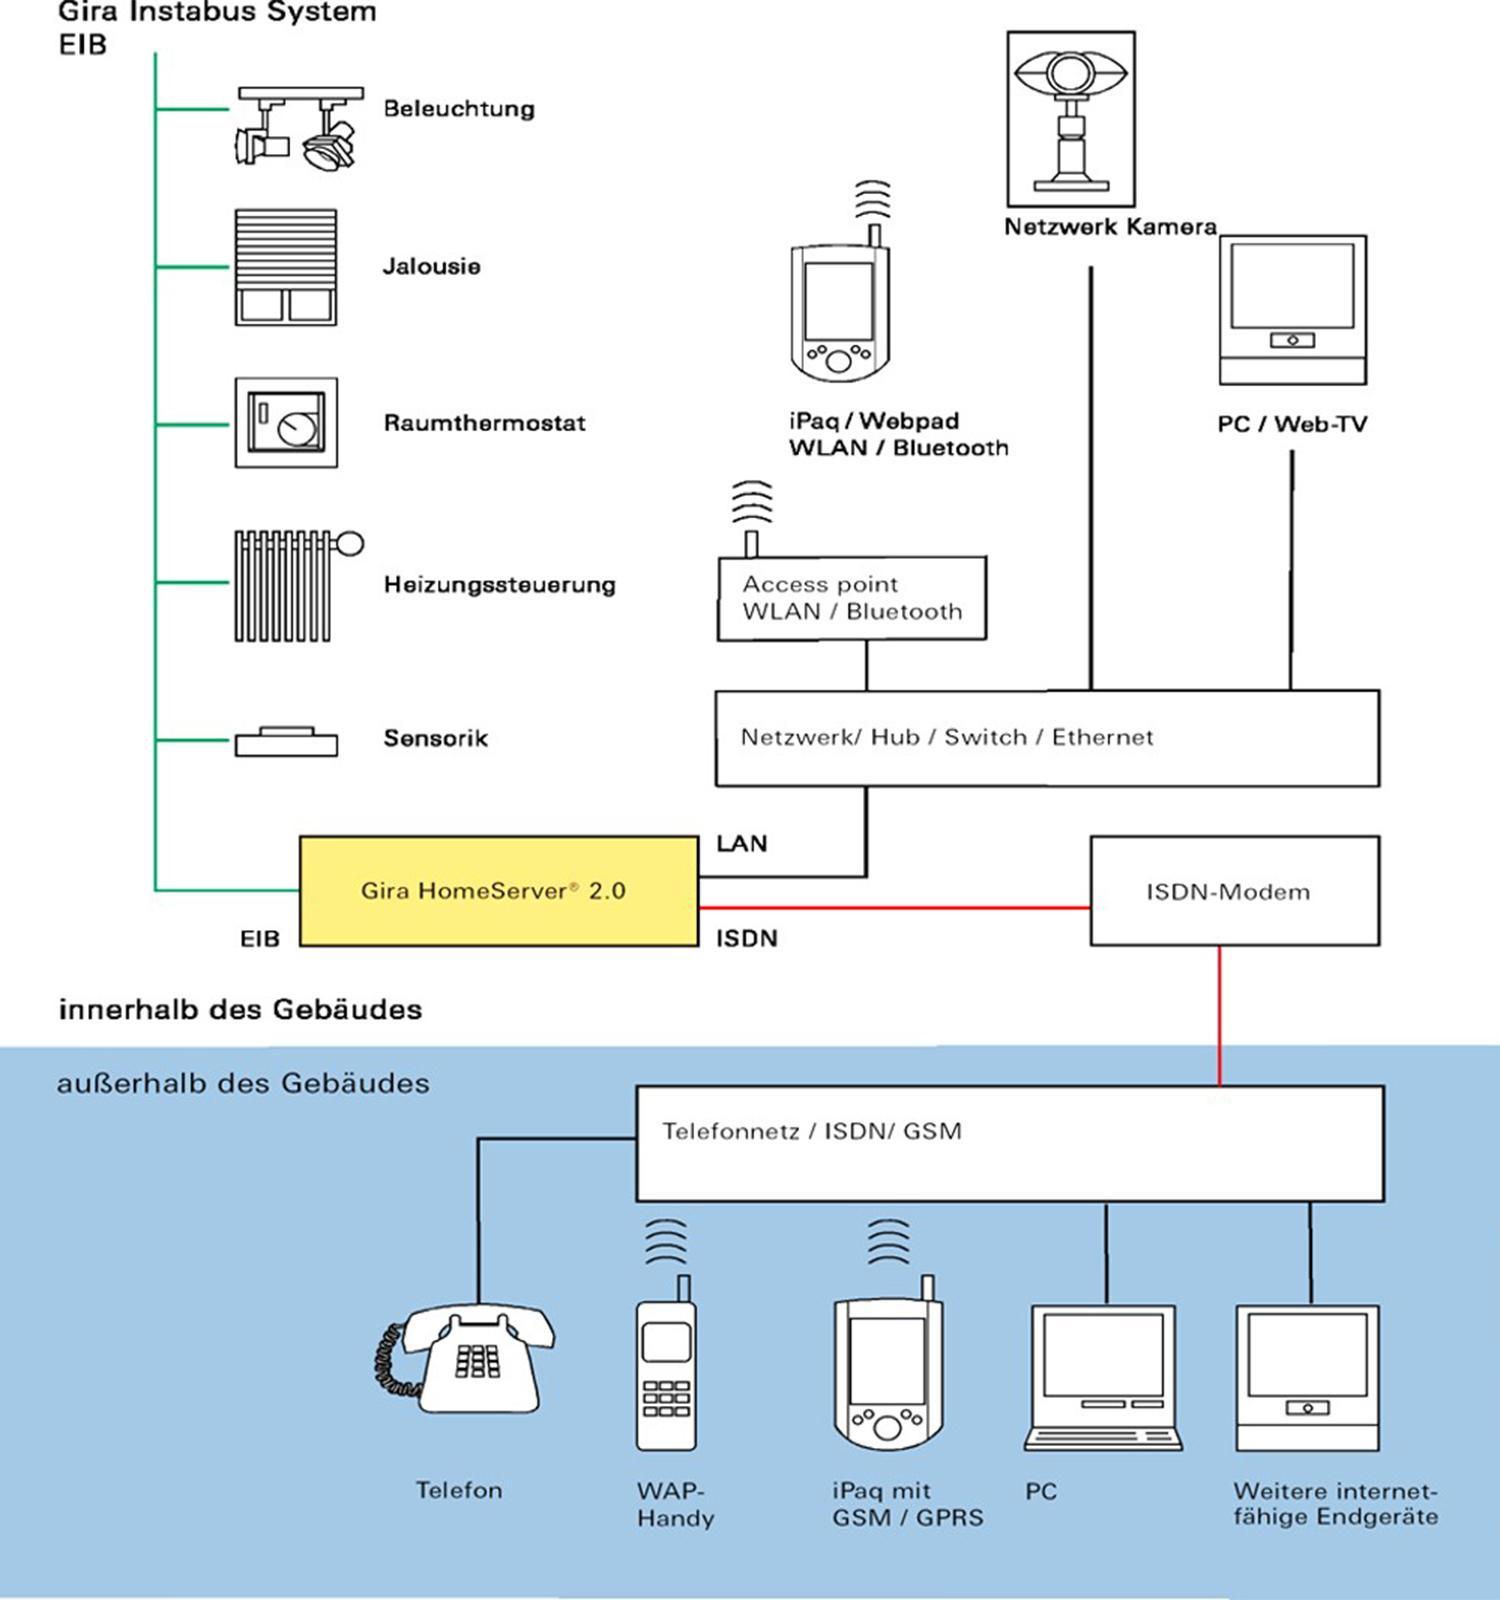 EIB System